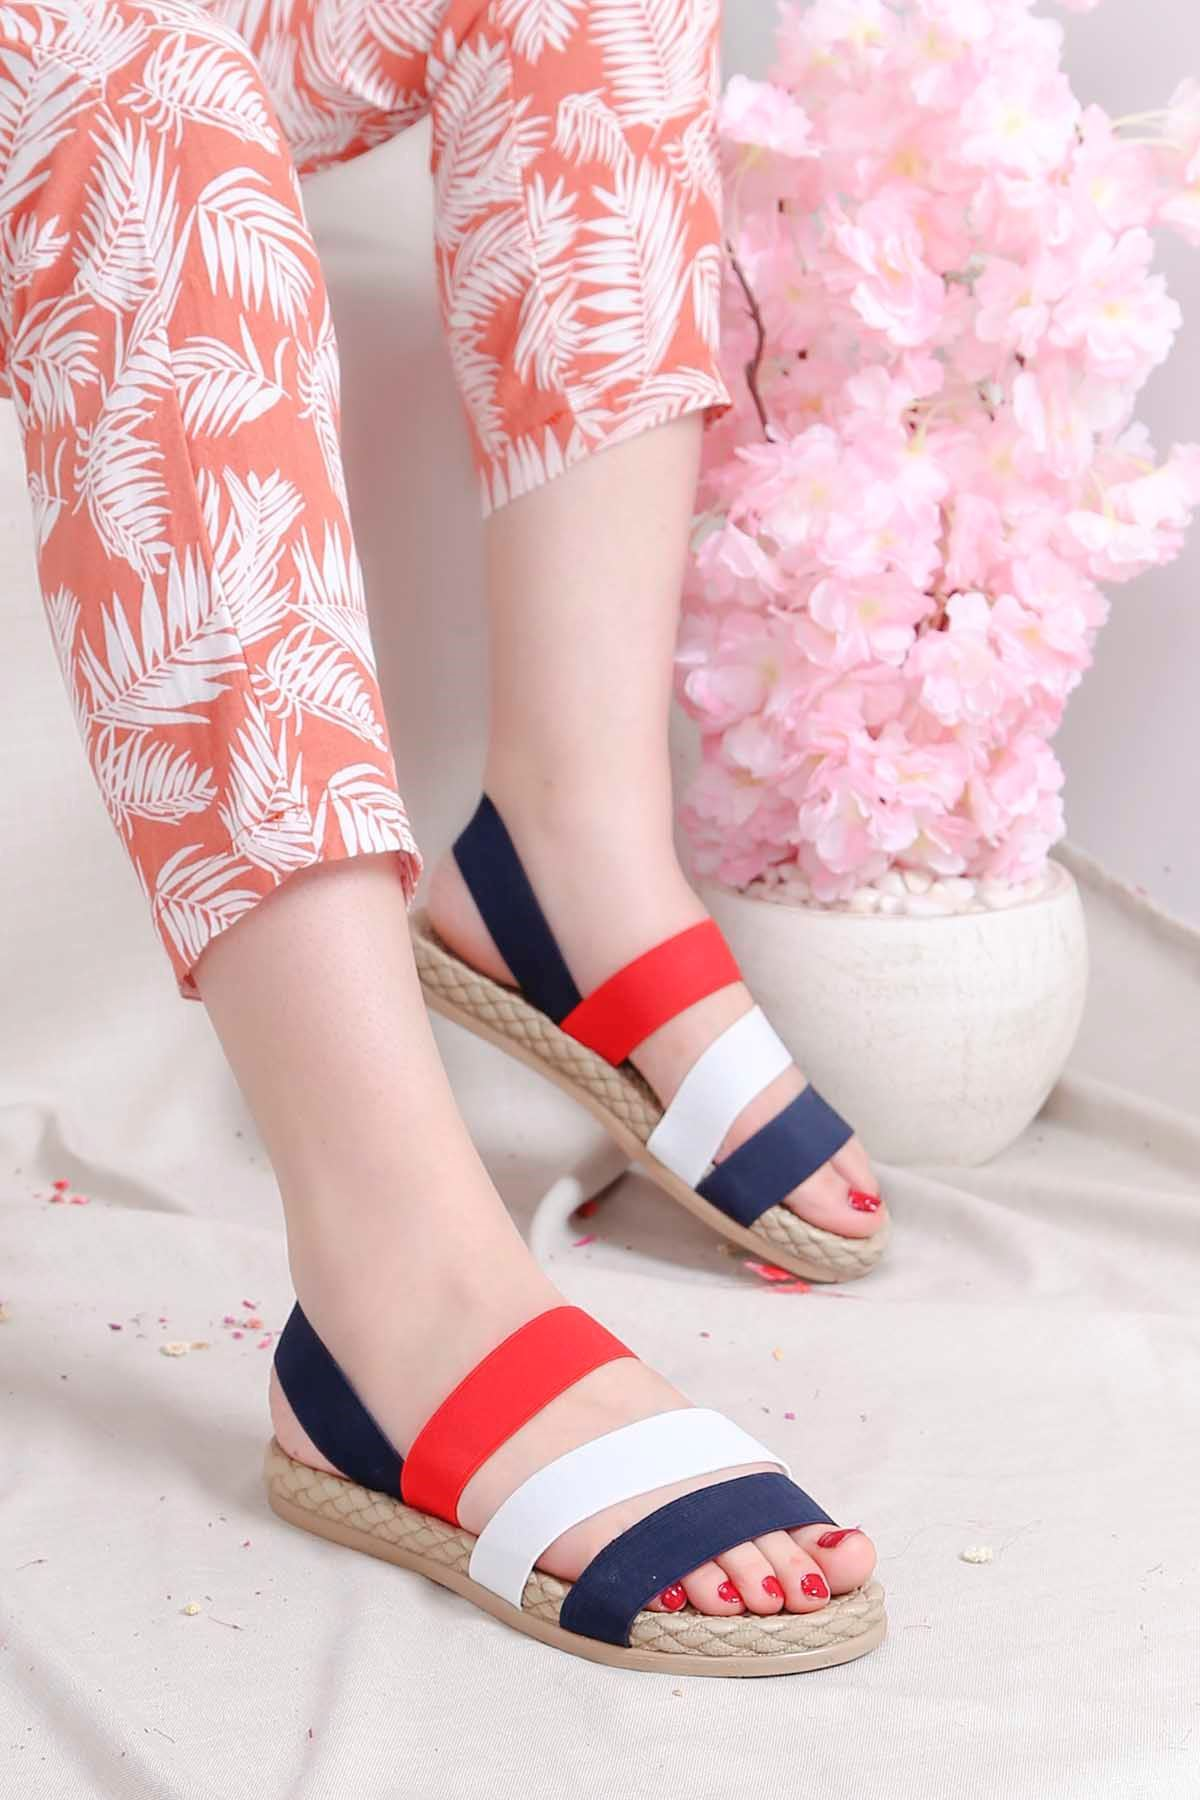 Brk-2020 Lastikli Sandalet Siyah Beyaz Kırmızı